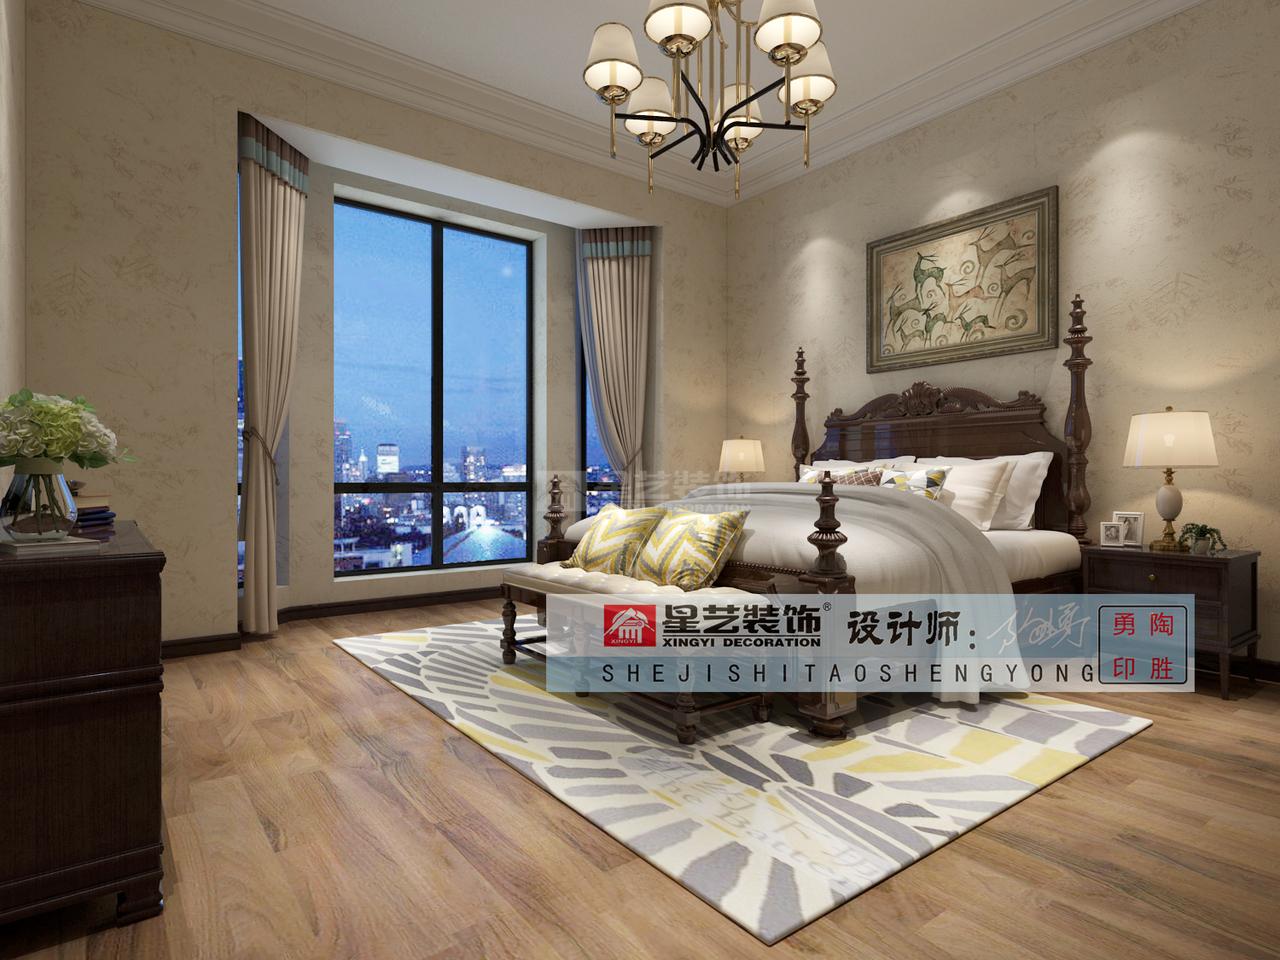 中天未来方舟EH,美式,单身公寓,0.0㎡